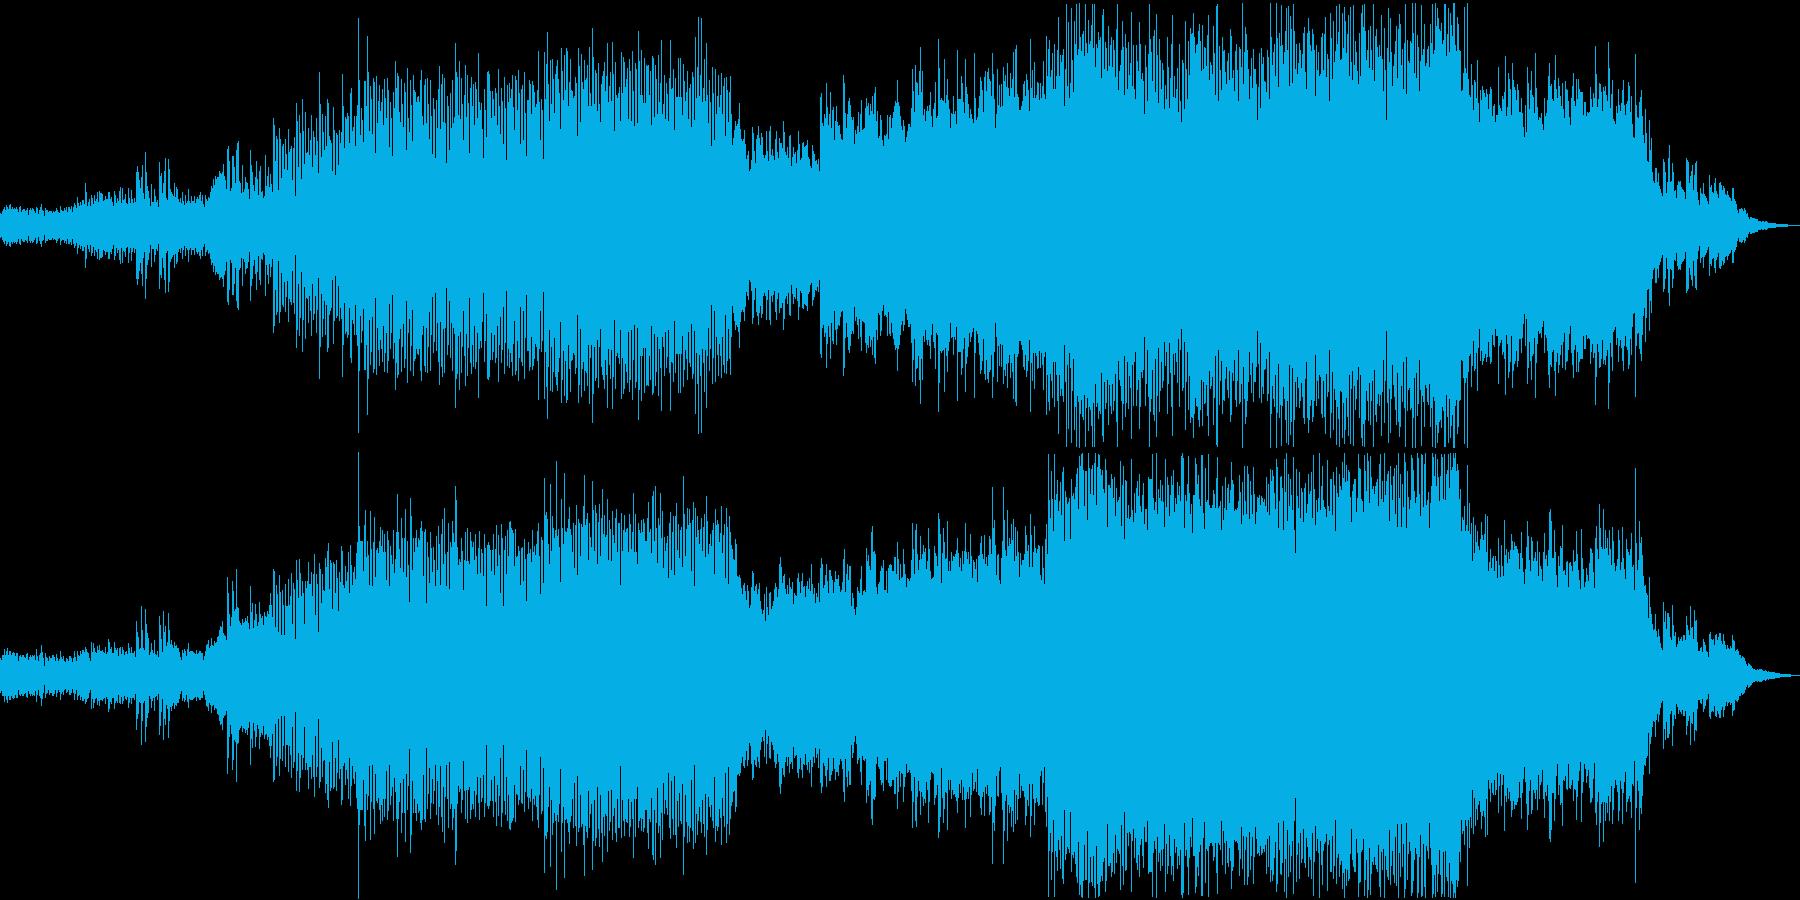 映画のエンドロールのようなロックの再生済みの波形